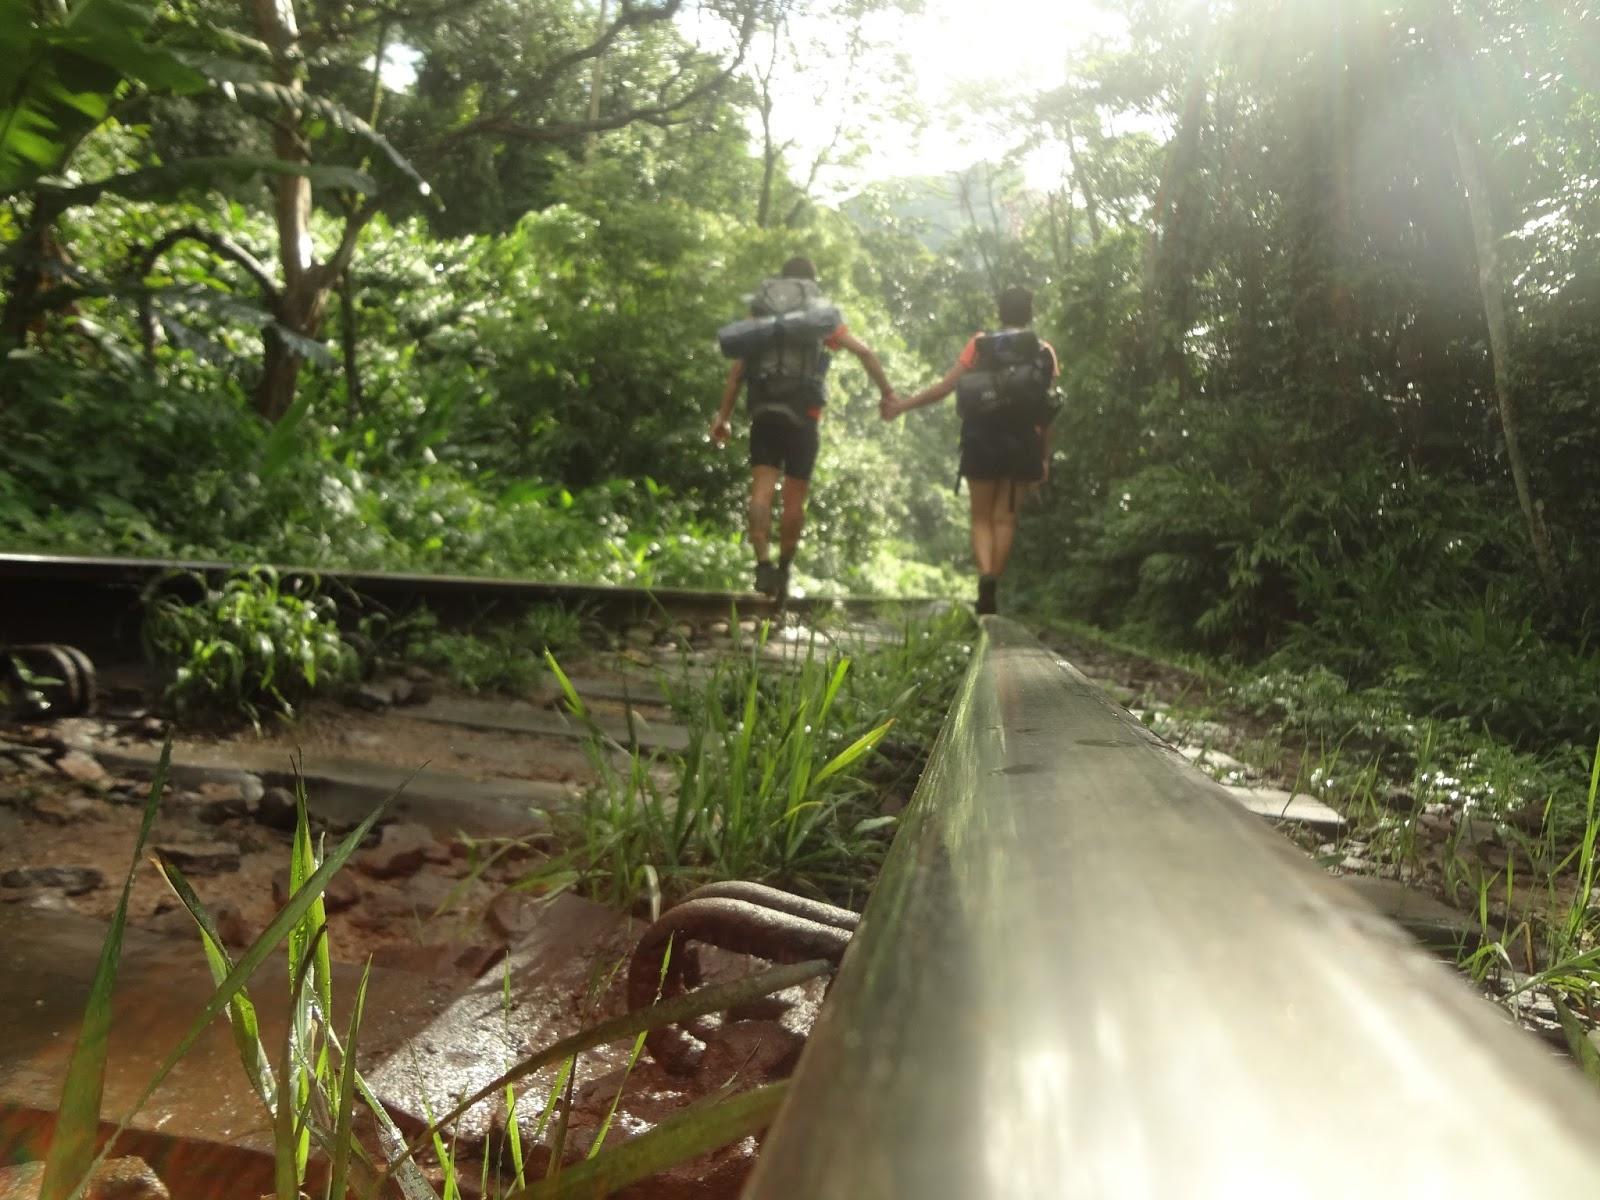 """:) - Trilhos de Trem Marumbi - Coluna DE ROLÊ – 7 dicas para camping no Marumbi por um viajante de experiência """"mediana-pra-boa"""" – por THIAGO GAVA"""